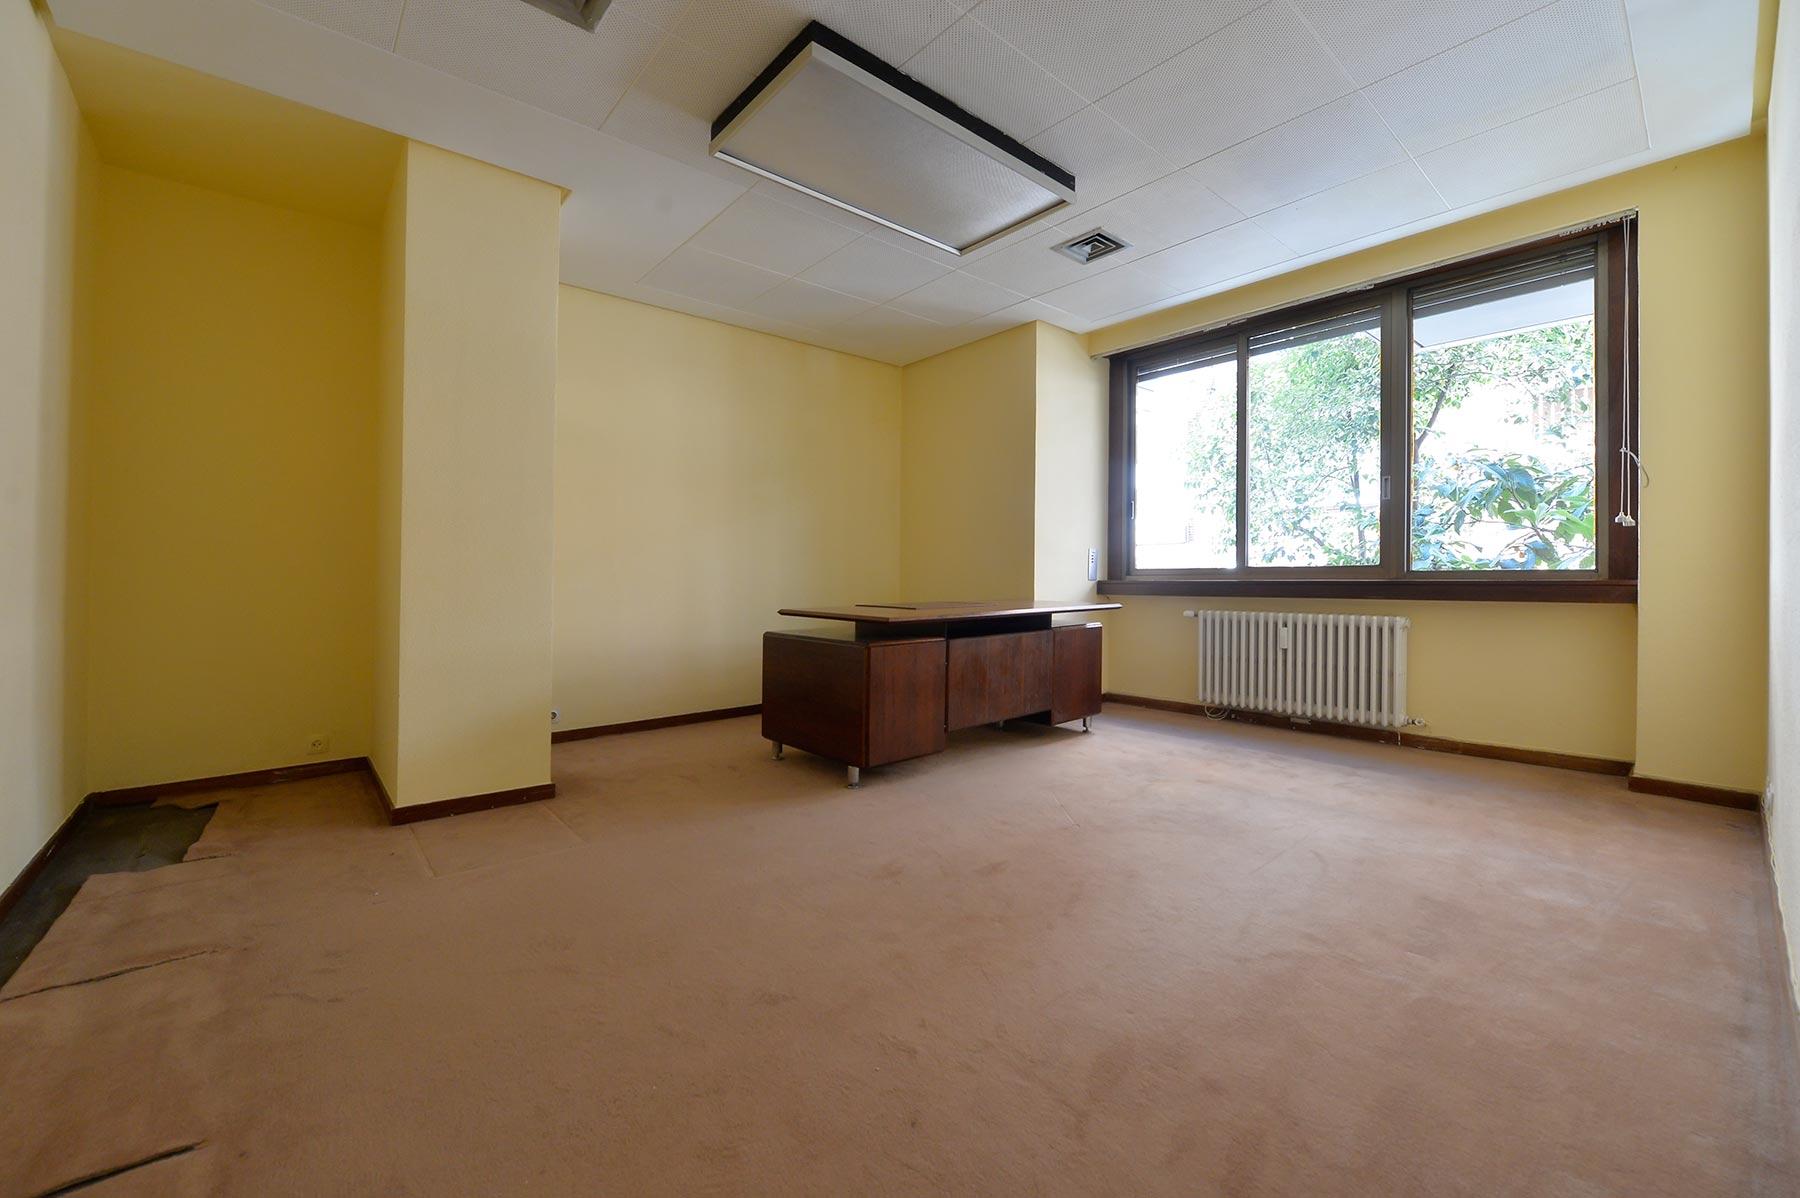 Nhà ở một gia đình vì Bán tại Excellent apartment with two parking spaces Nuñez de Balboa Madrid, Madrid, 28001 Tây Ban Nha